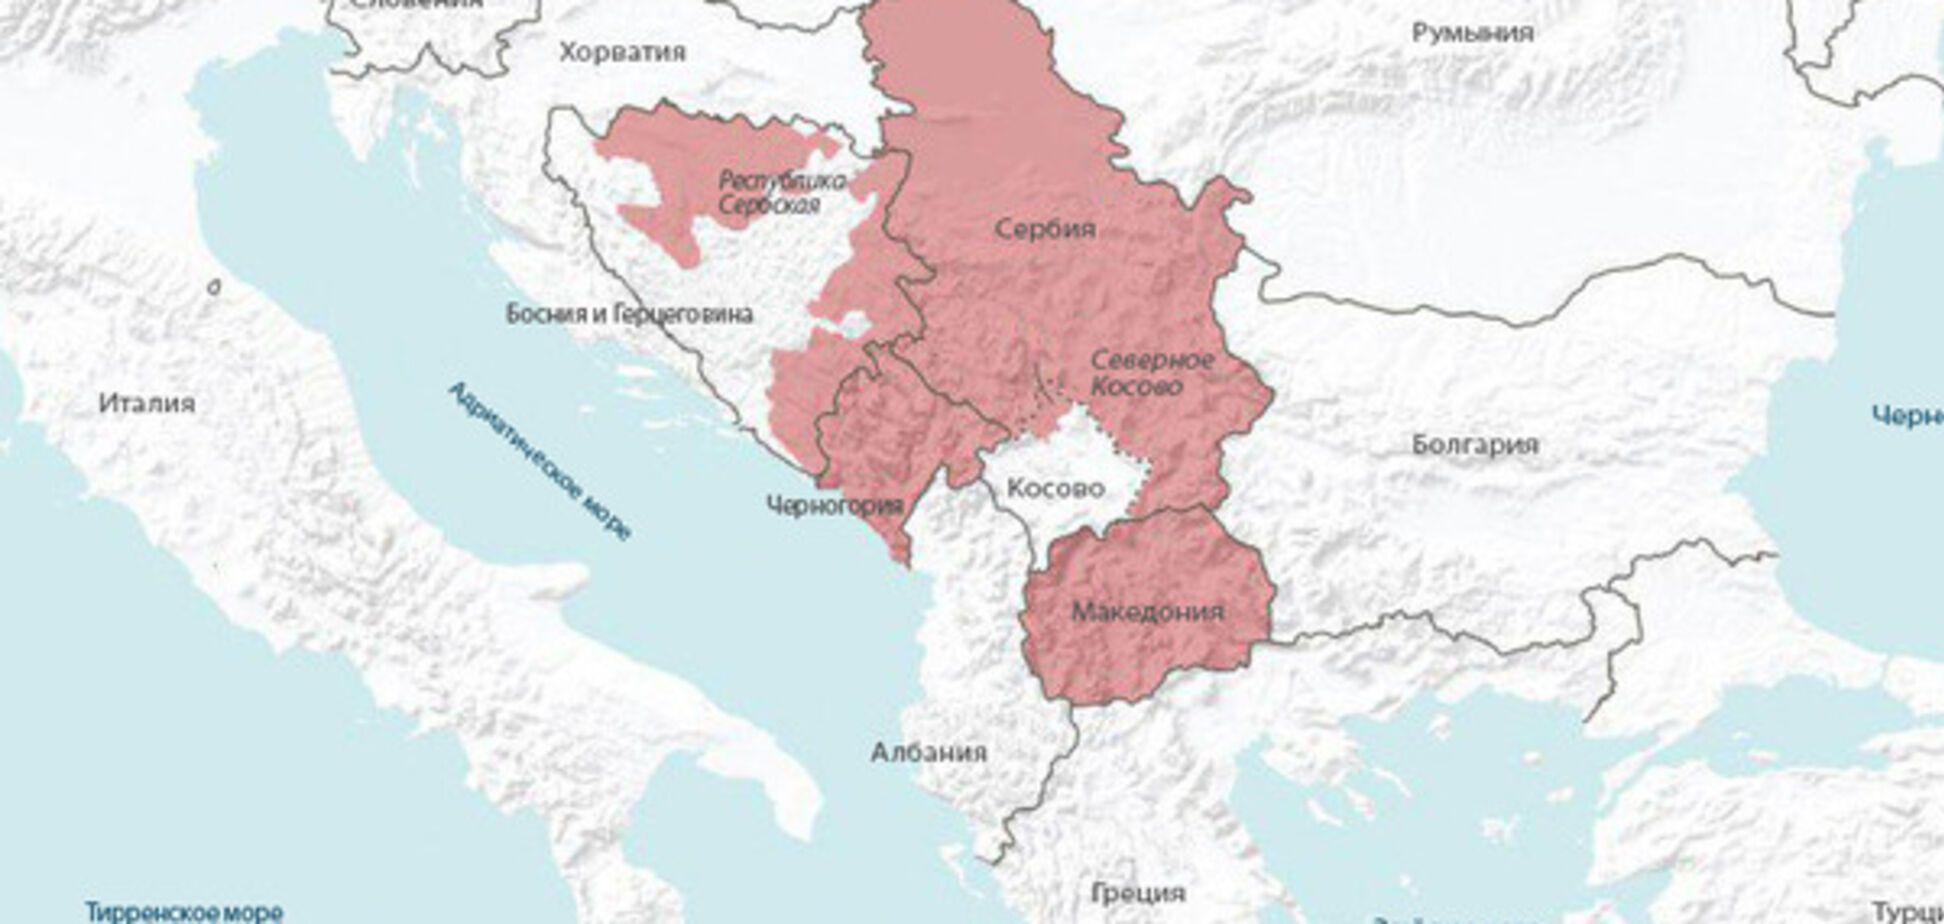 Stratfor: Росія взялася за підрив Балканів за кримським сценарієм